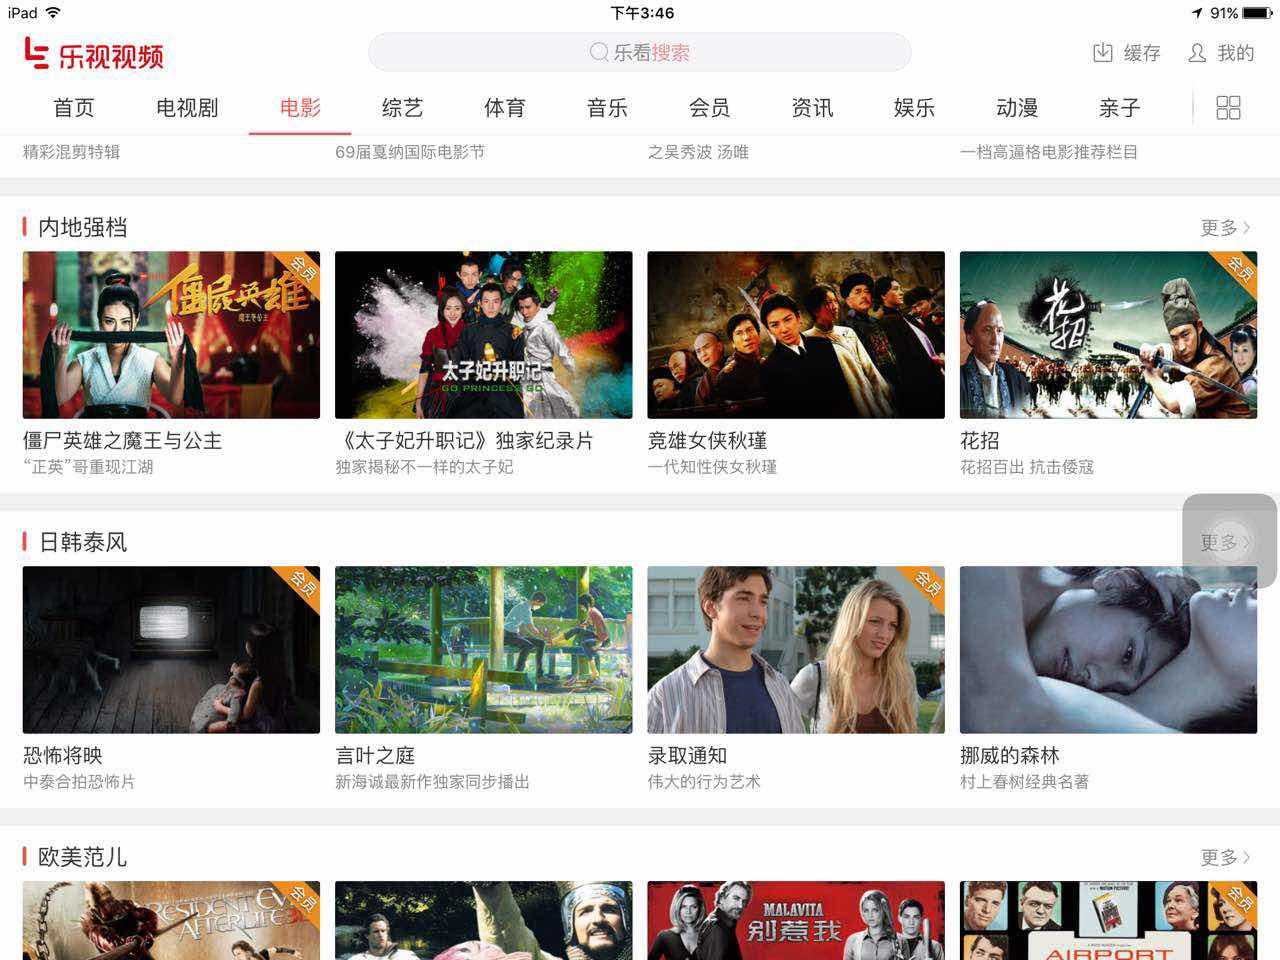 乐视pad端 电影频道内地强档推荐